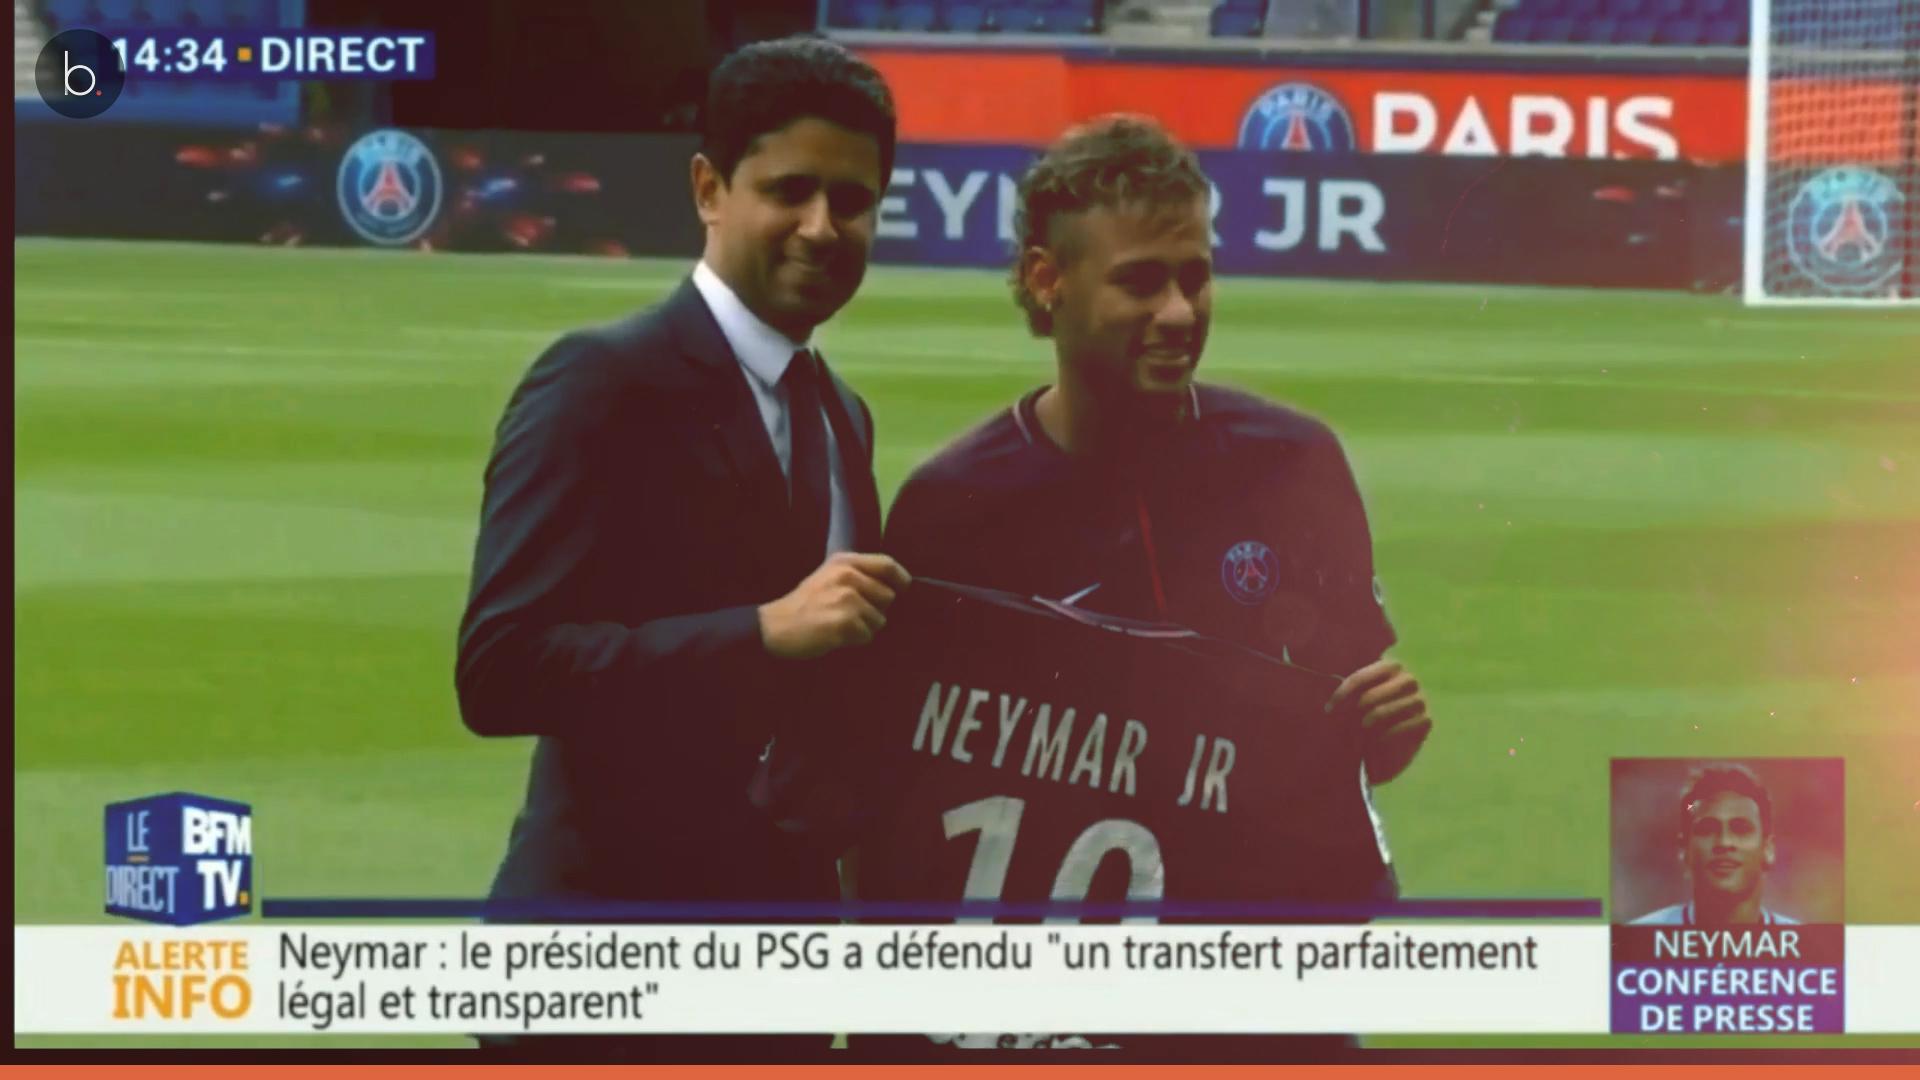 ¿Está pensando Neymar JR en el Real Madrid?